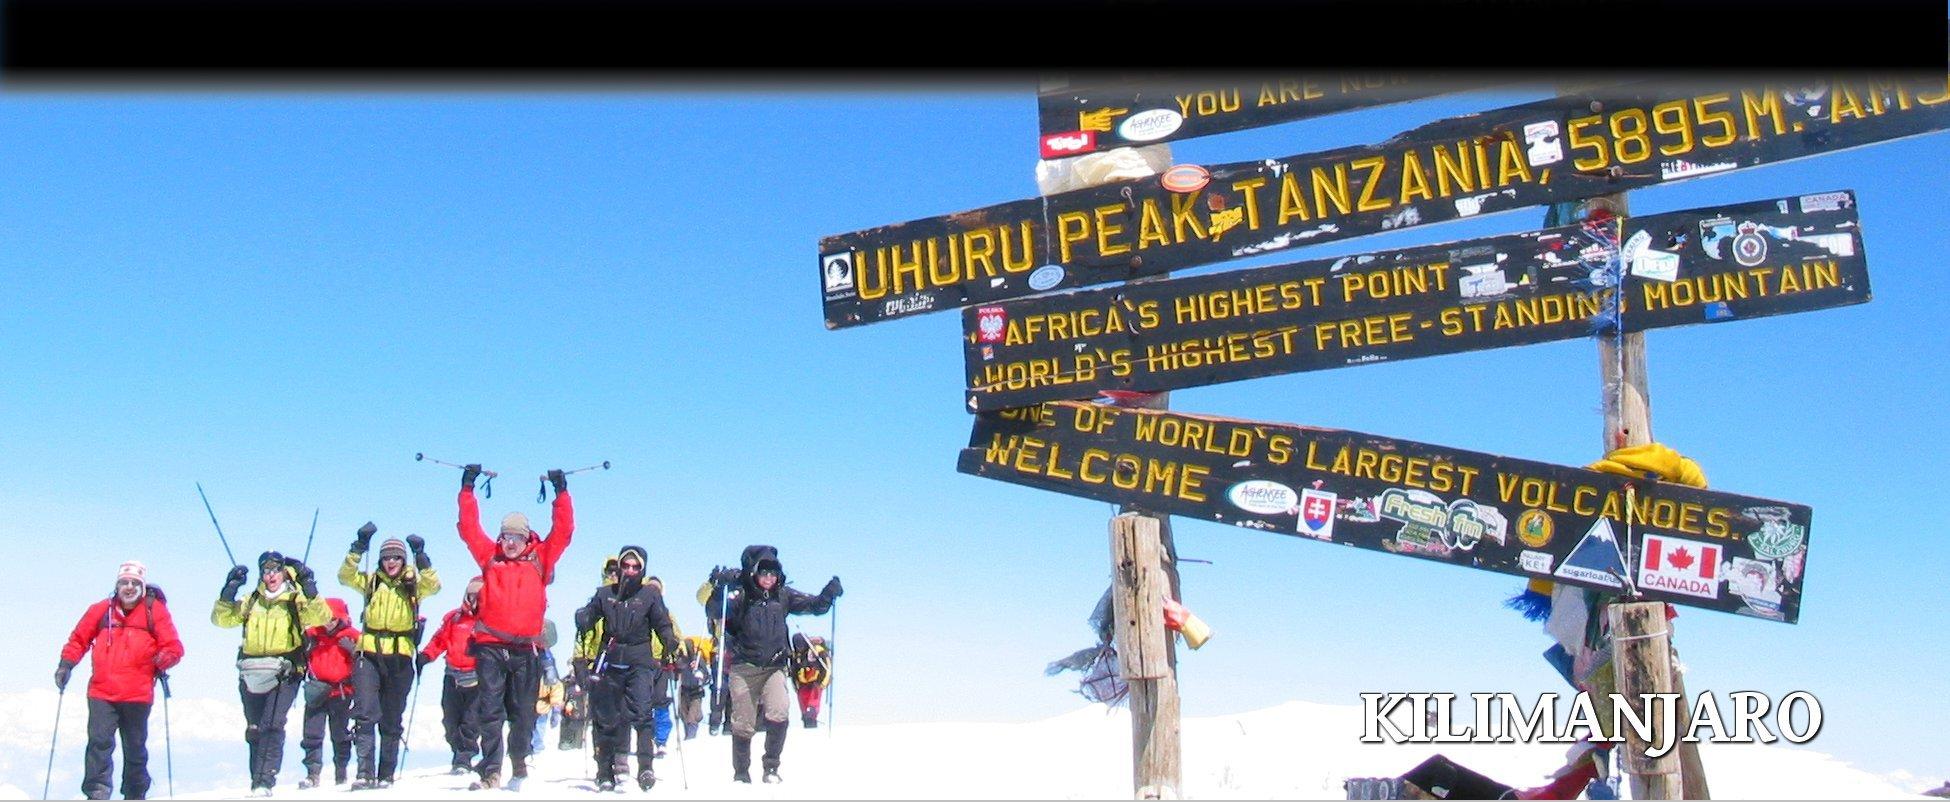 Tusker - Kilimanjaro Spiral